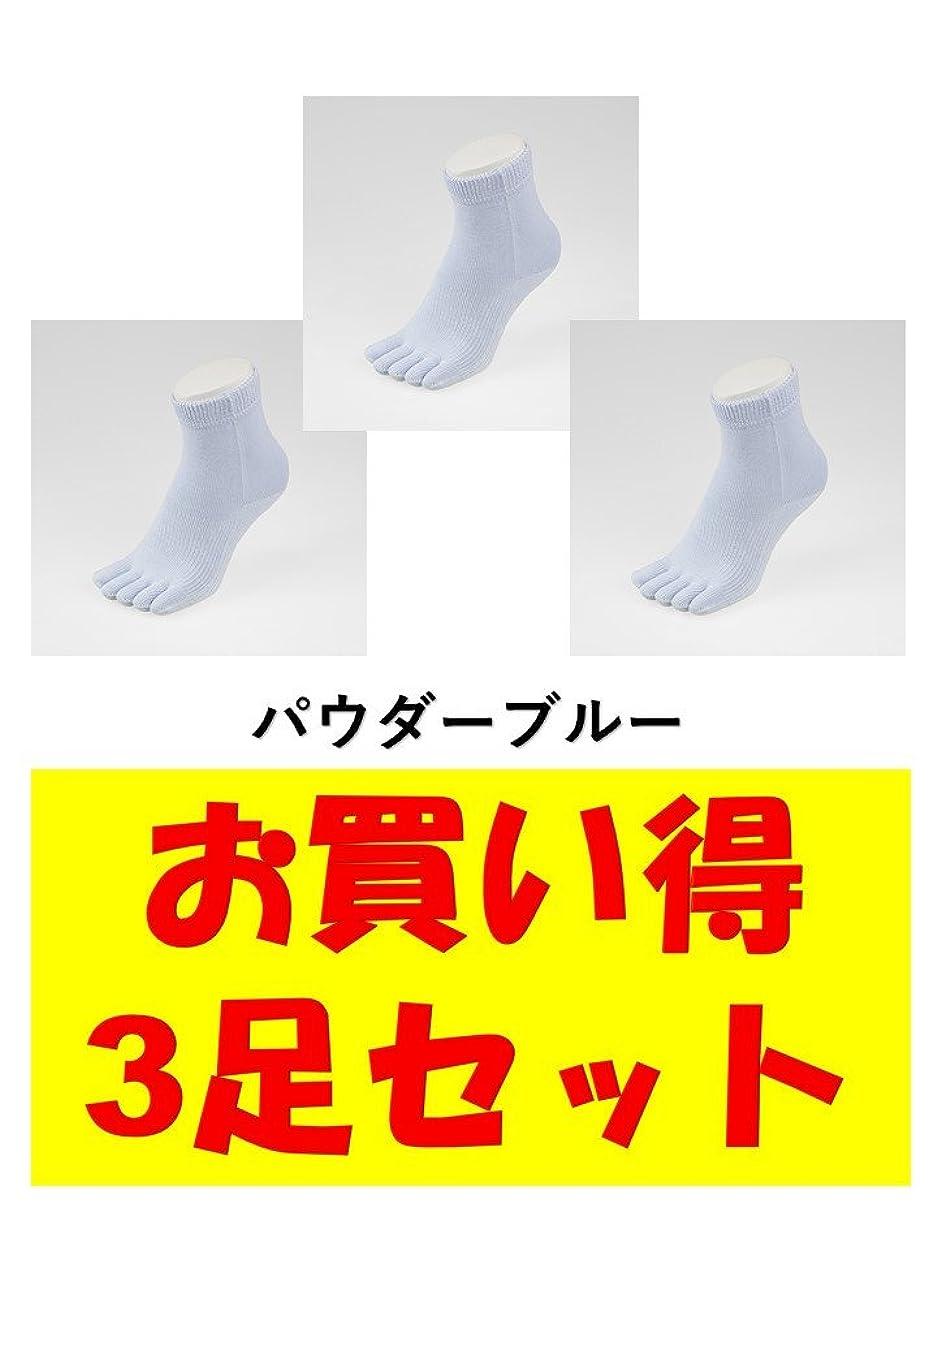 福祉非武装化特性お買い得3足セット 5本指 ゆびのばソックス Neo EVE(イヴ) パウダーブルー Sサイズ(21.0cm - 24.0cm) YSNEVE-PBL